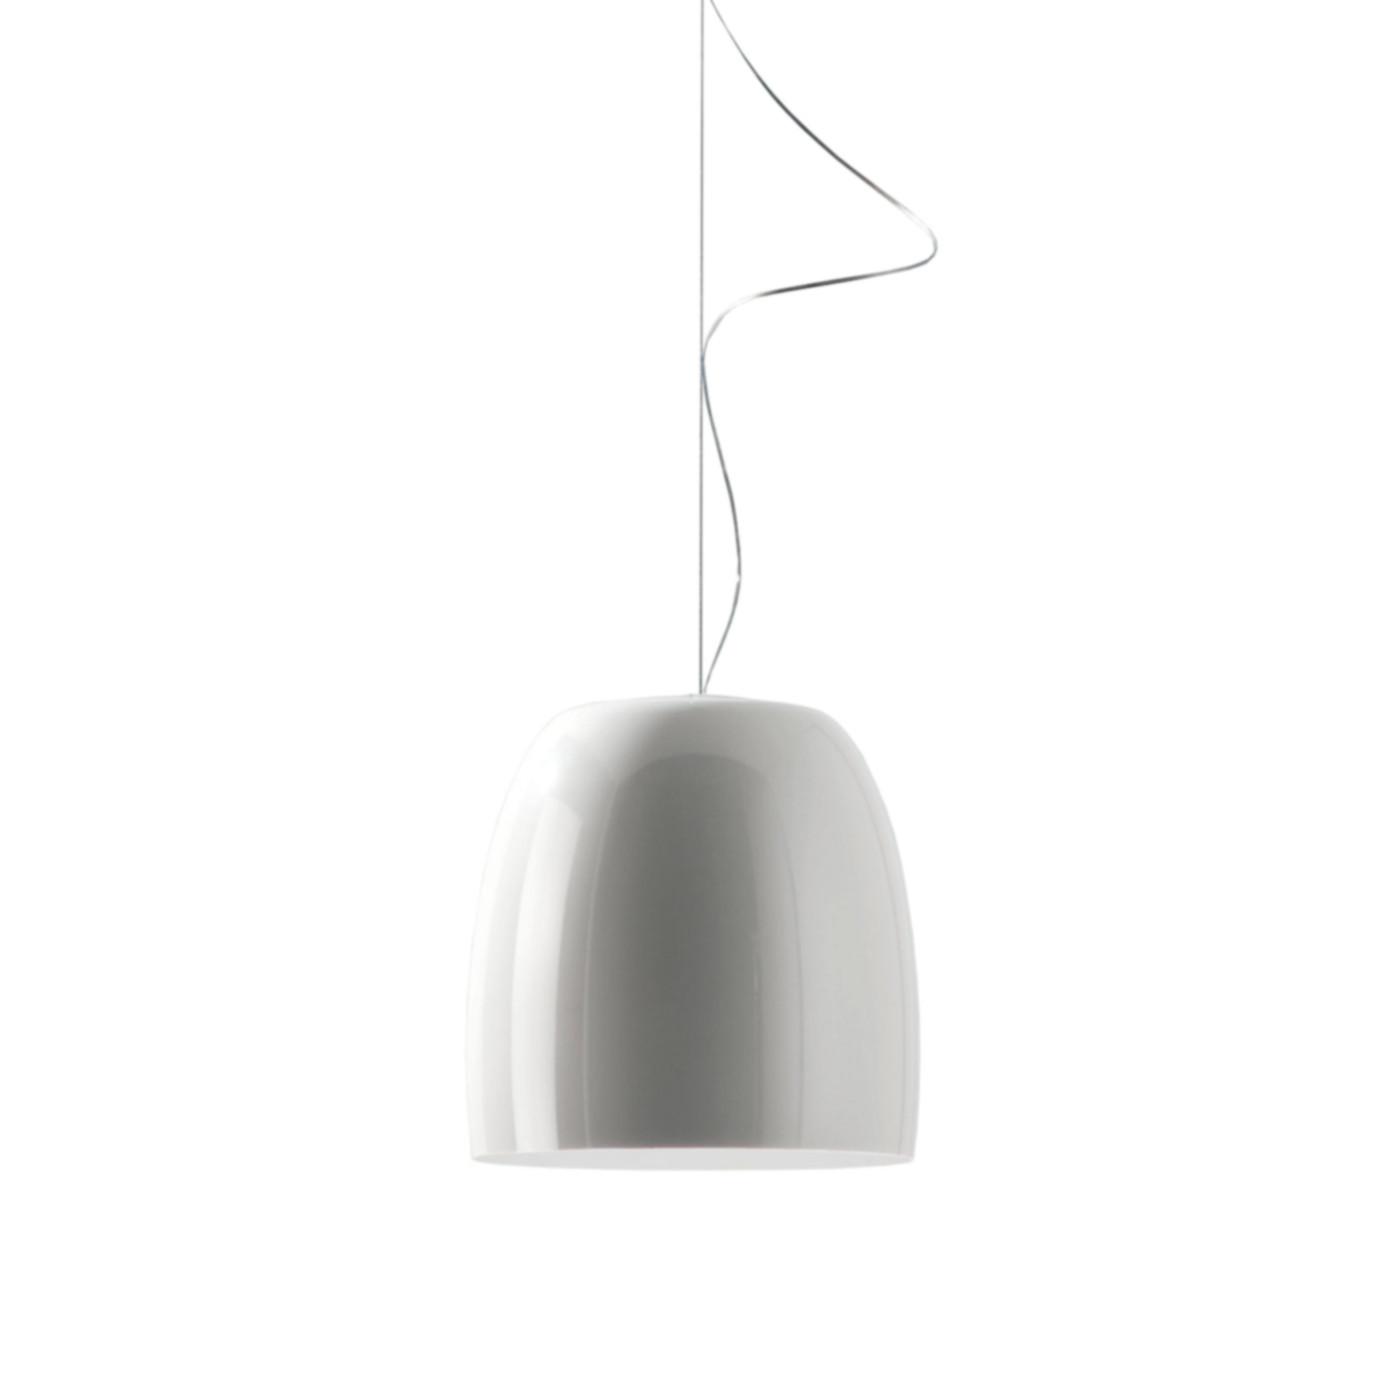 Prandina Notte S3 Metall LED Pendelleuchte